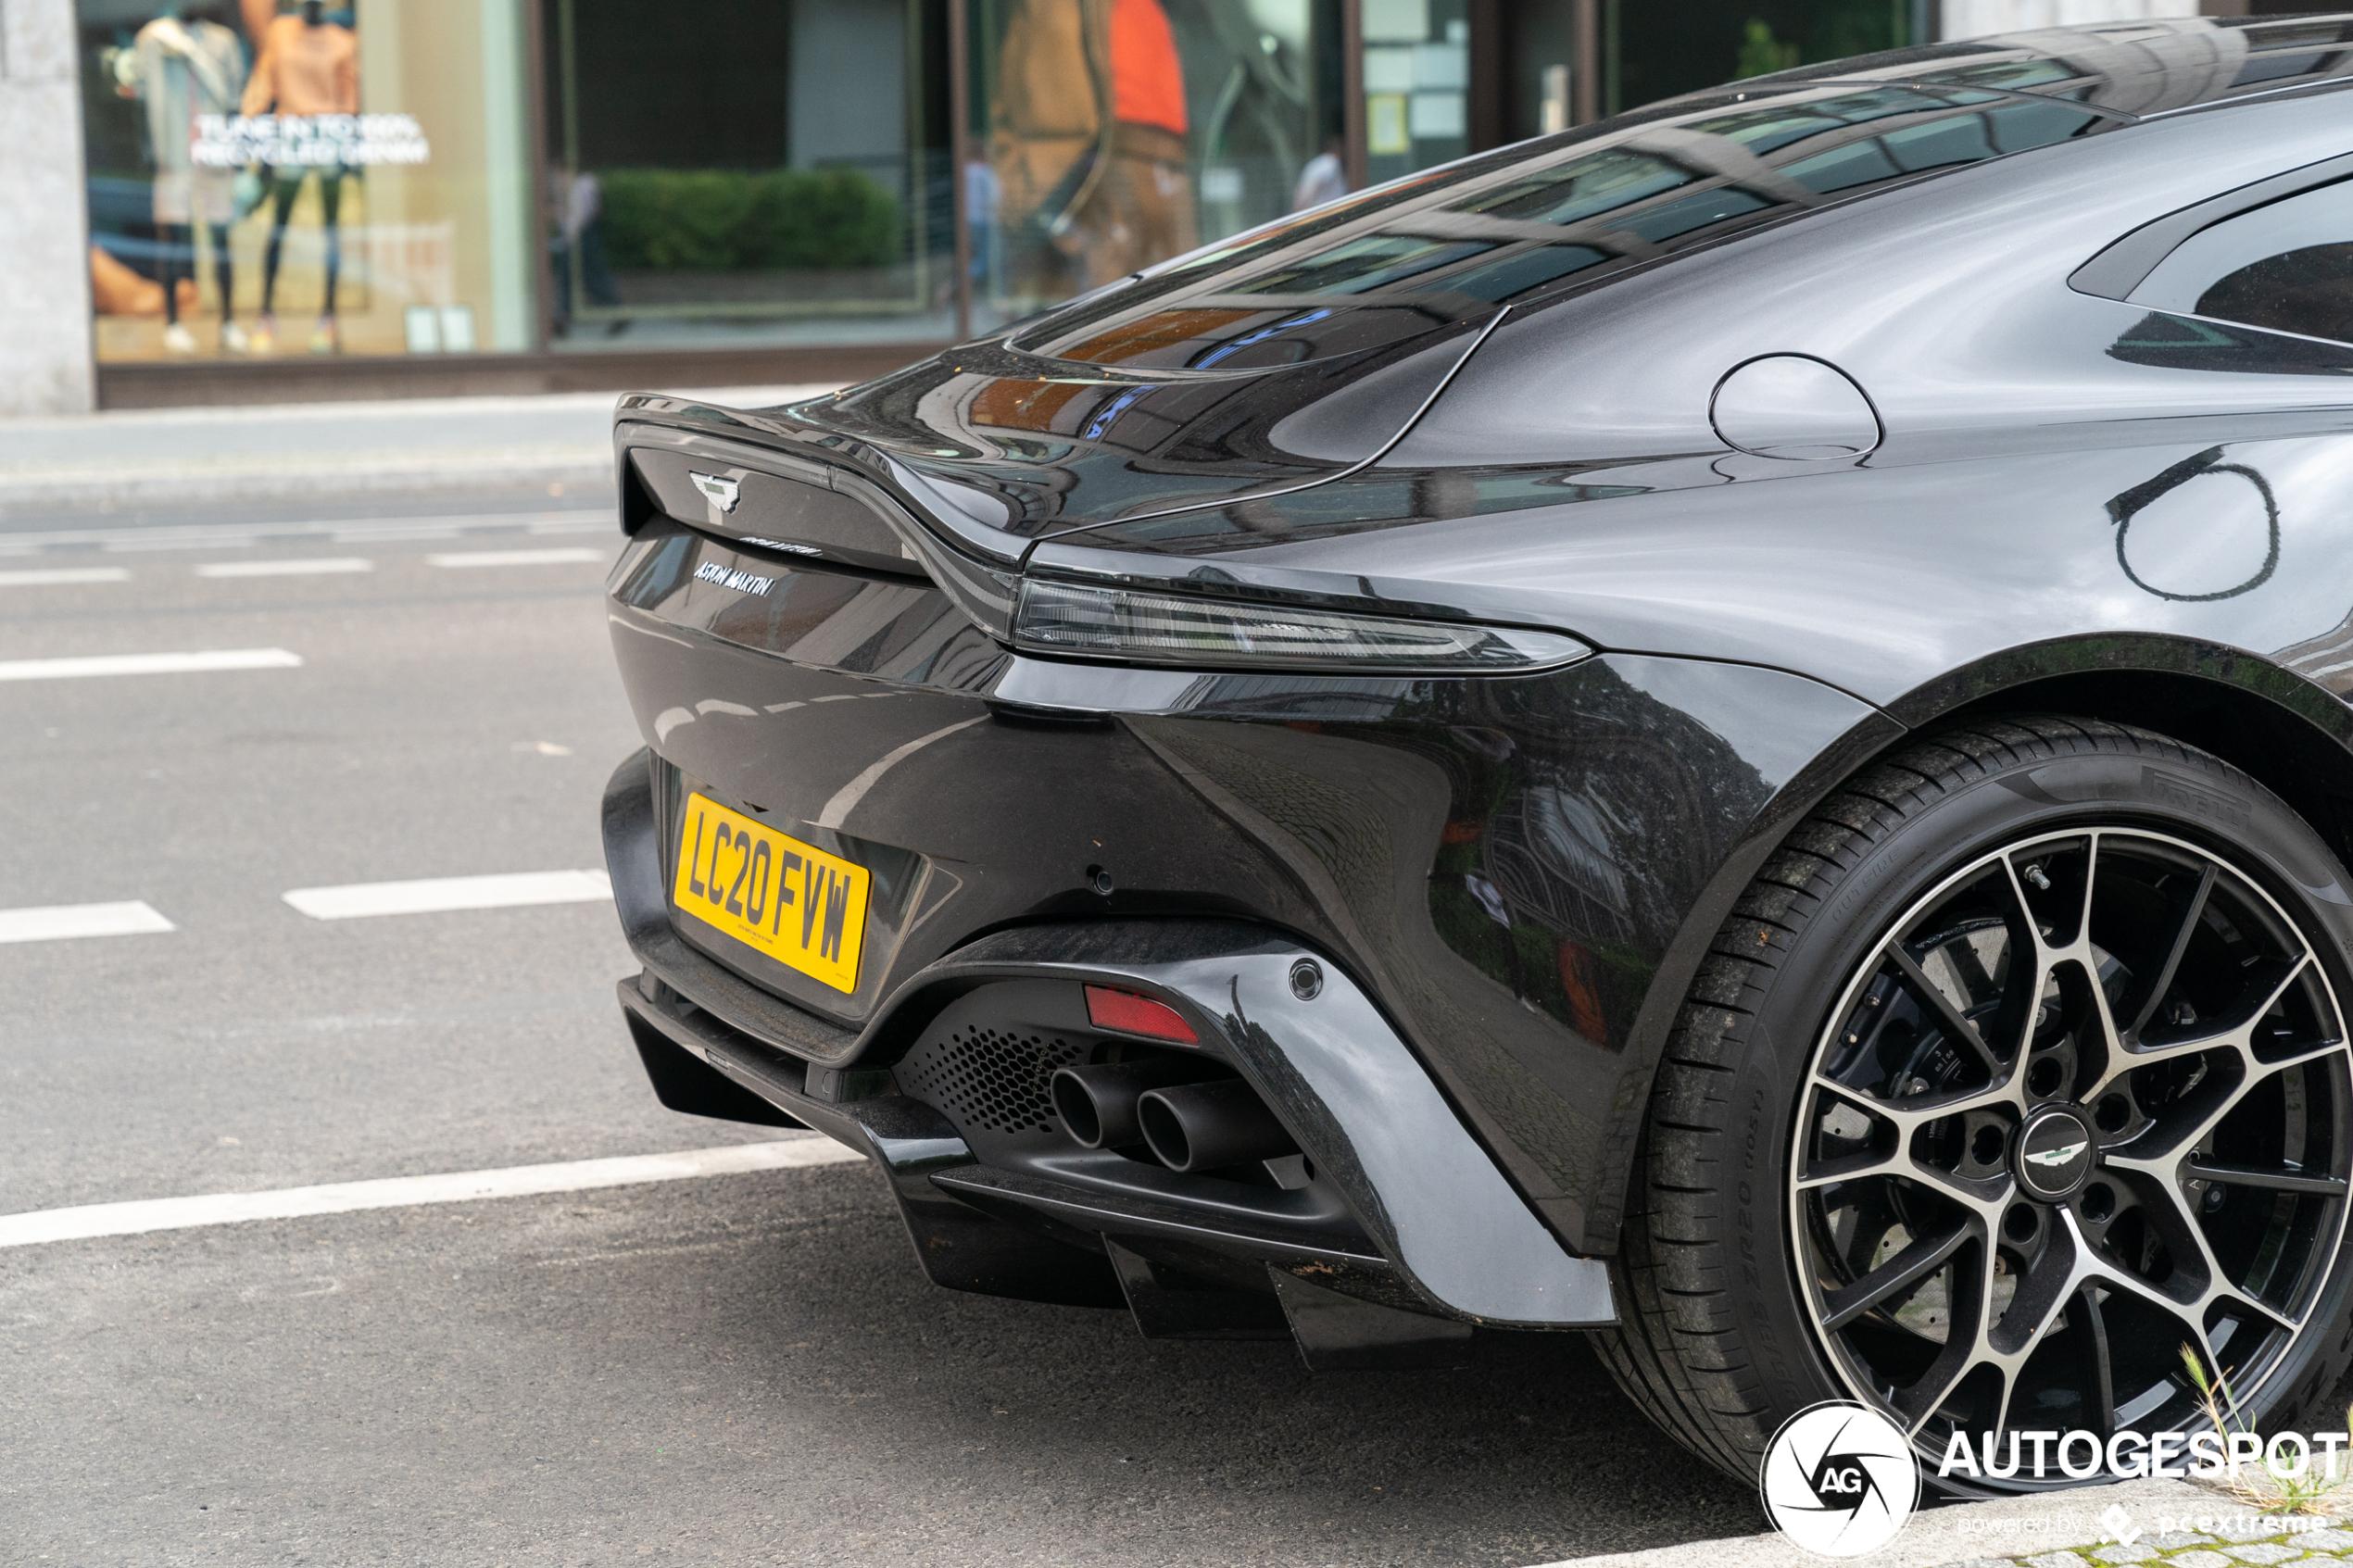 Aston Martin Vantage AMR zorgt voor dat extra beetje plezier